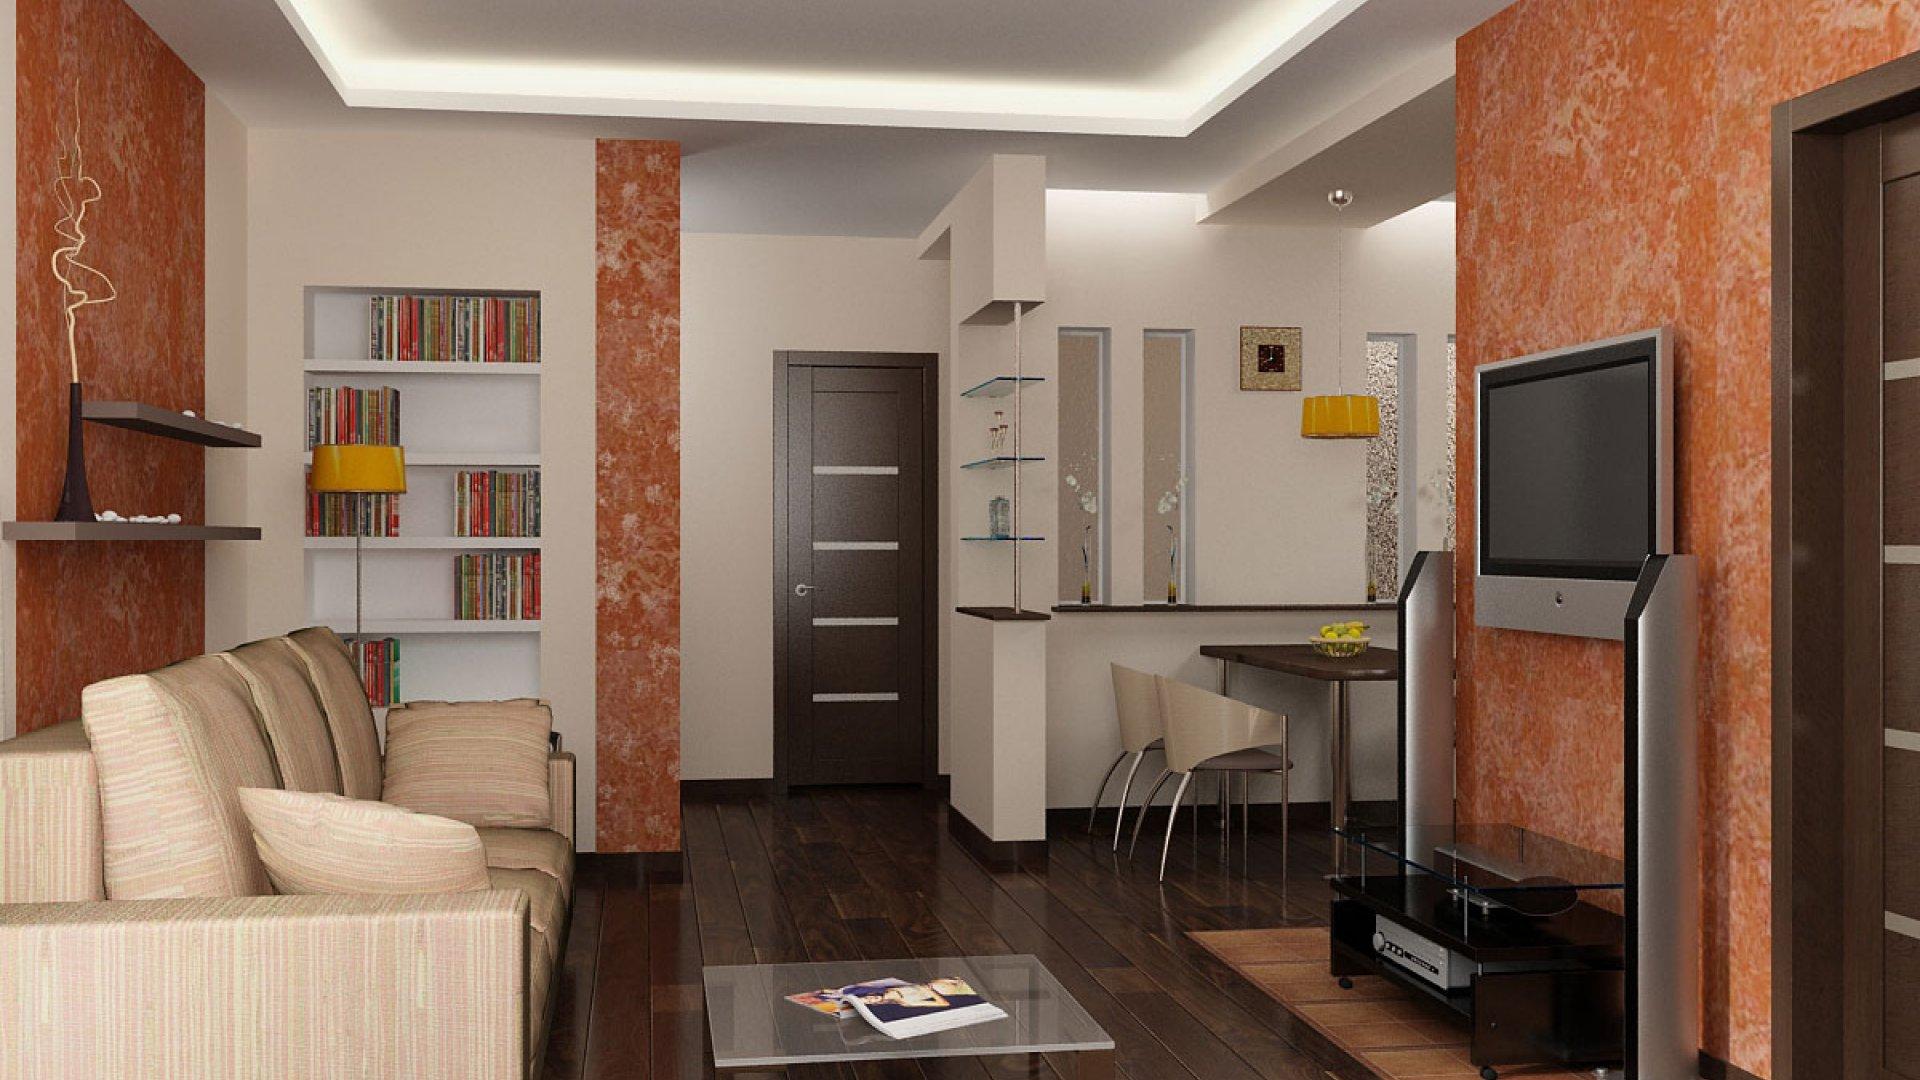 Ремонт квартир - отзывы о компаниях в Екатеринбурге - на